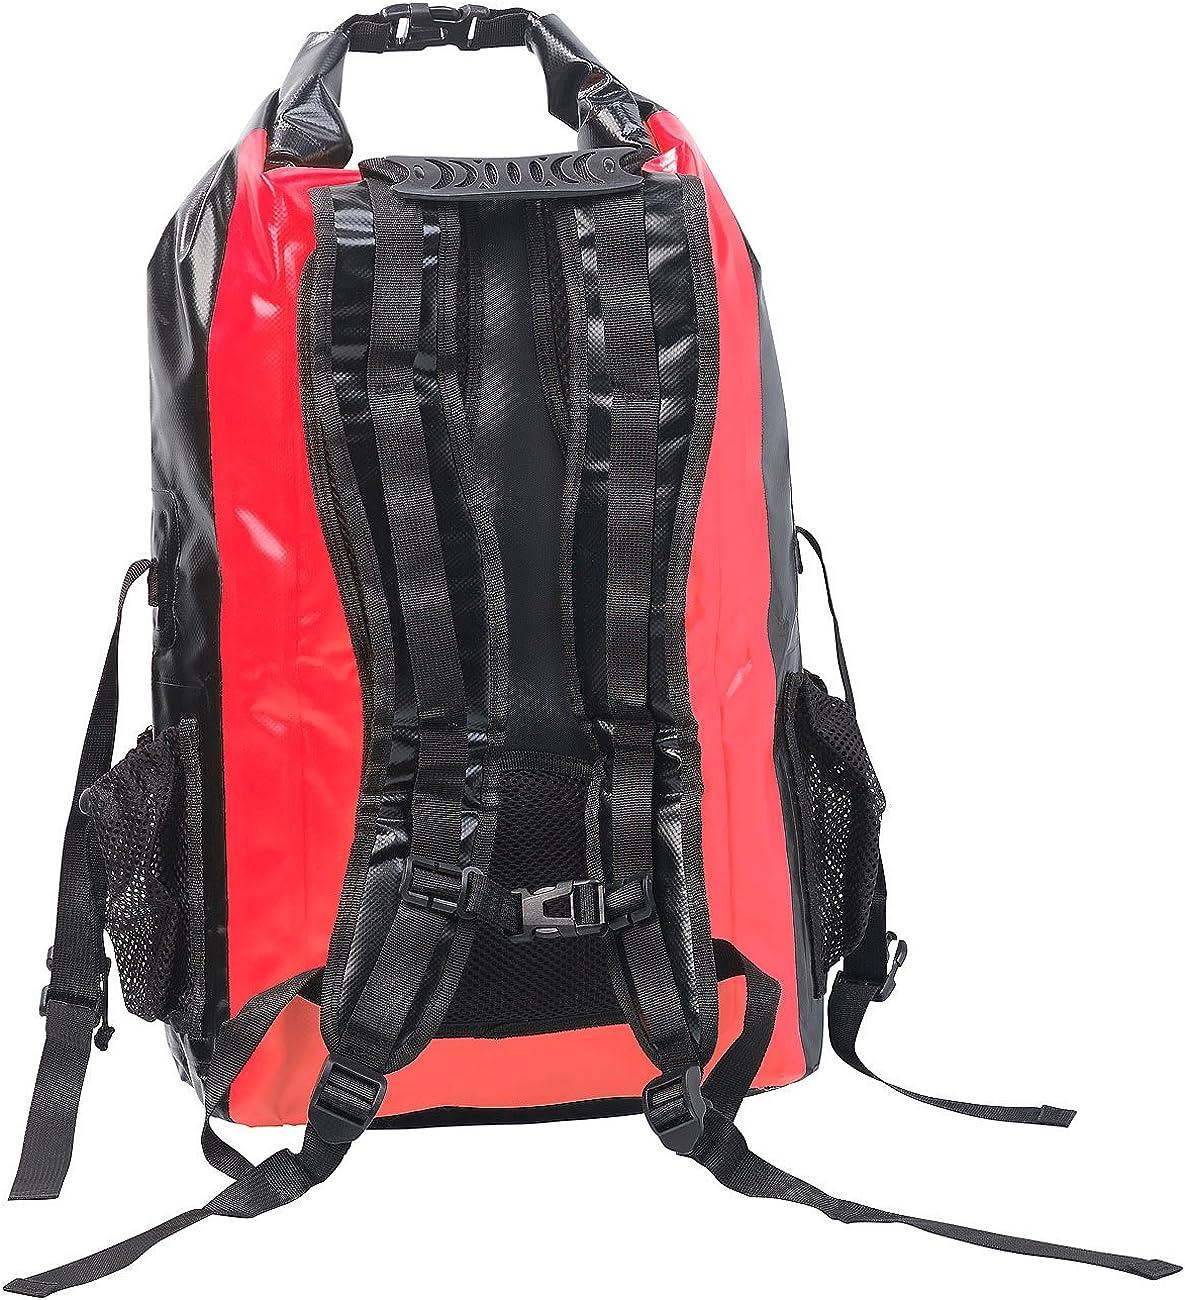 Sac /à dos trekking /étanche en toile de b/âche 30 L noir coloris rouge